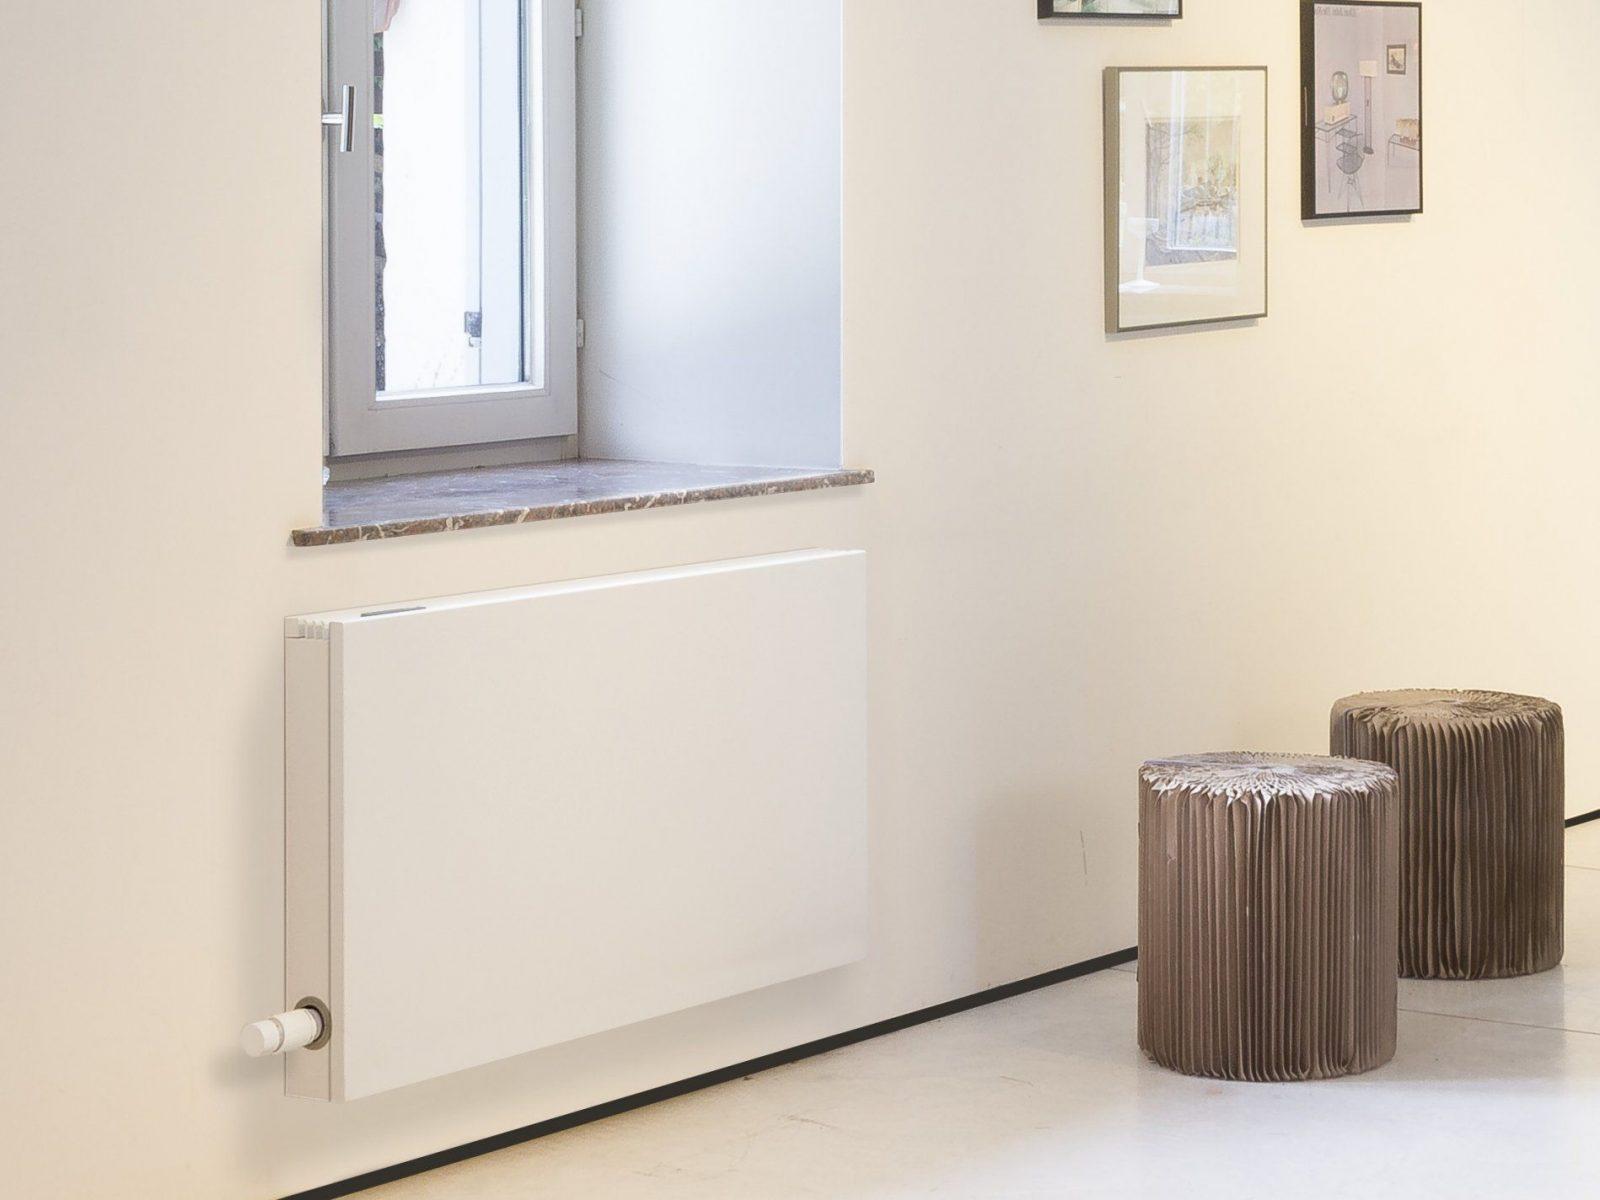 Moderne Wohnzimmer Heizkörper Bauhöhe 500 Mm Hoch Konvektoren von Moderne Heizkörper Für Wohnzimmer Photo